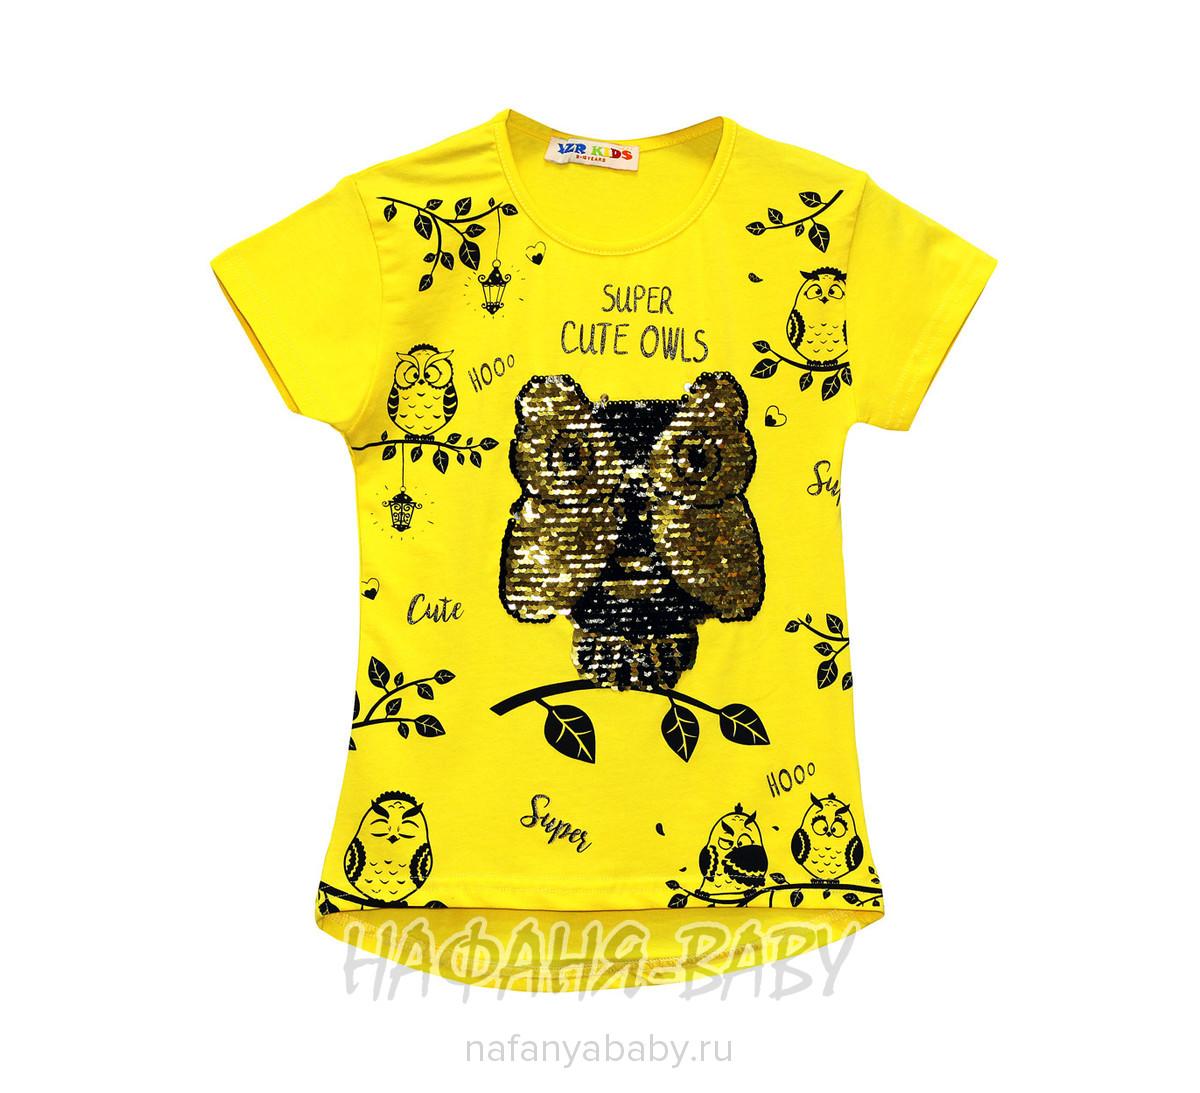 Детская футболка, артикул 2206 YZR арт: 2206, цвет желтый, оптом Турция